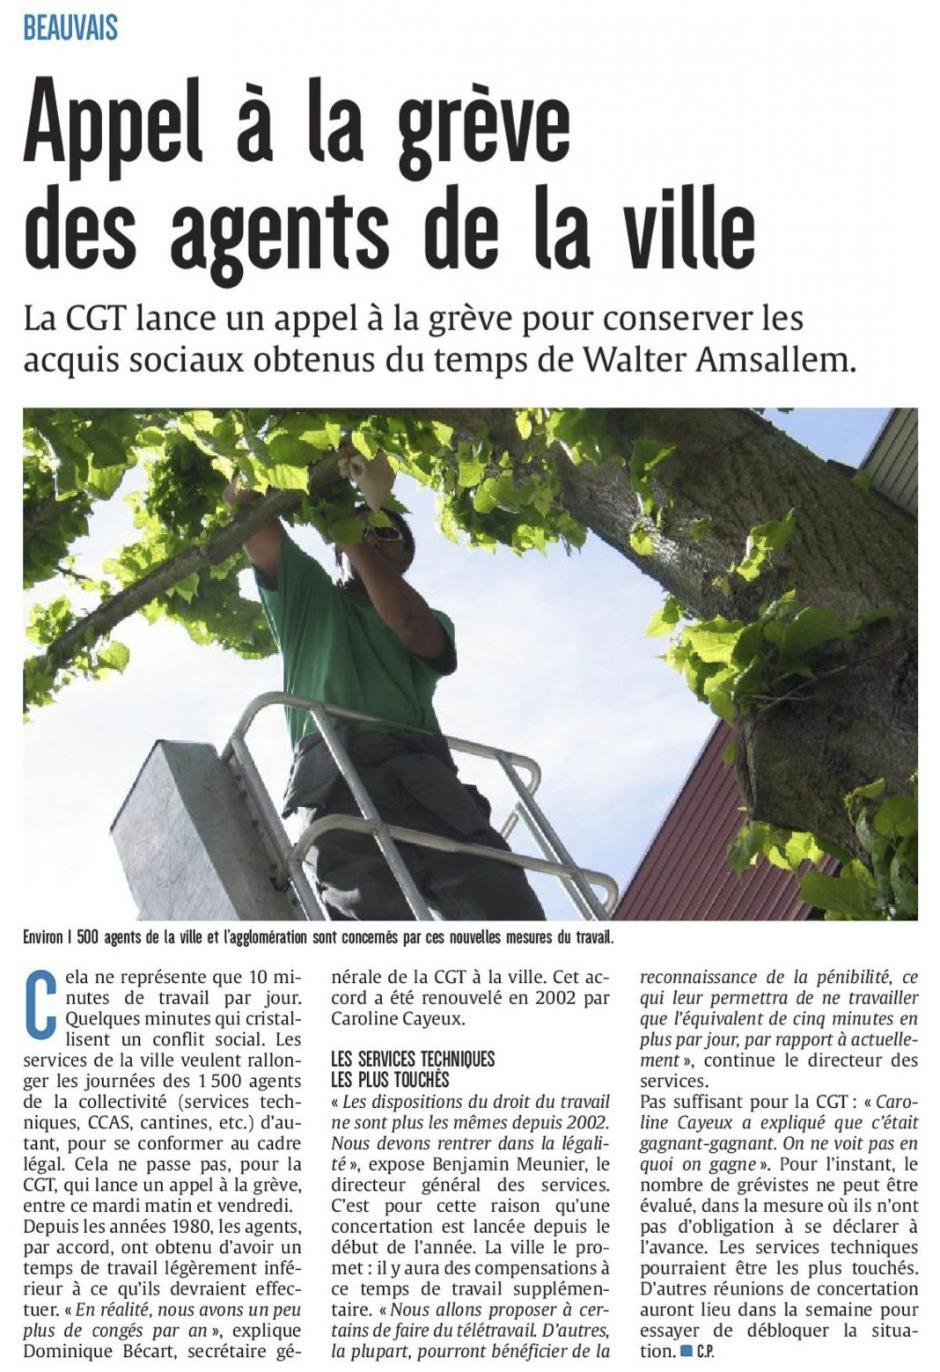 20180529-CP-Beauvais-Appel à la grève des agents de la ville